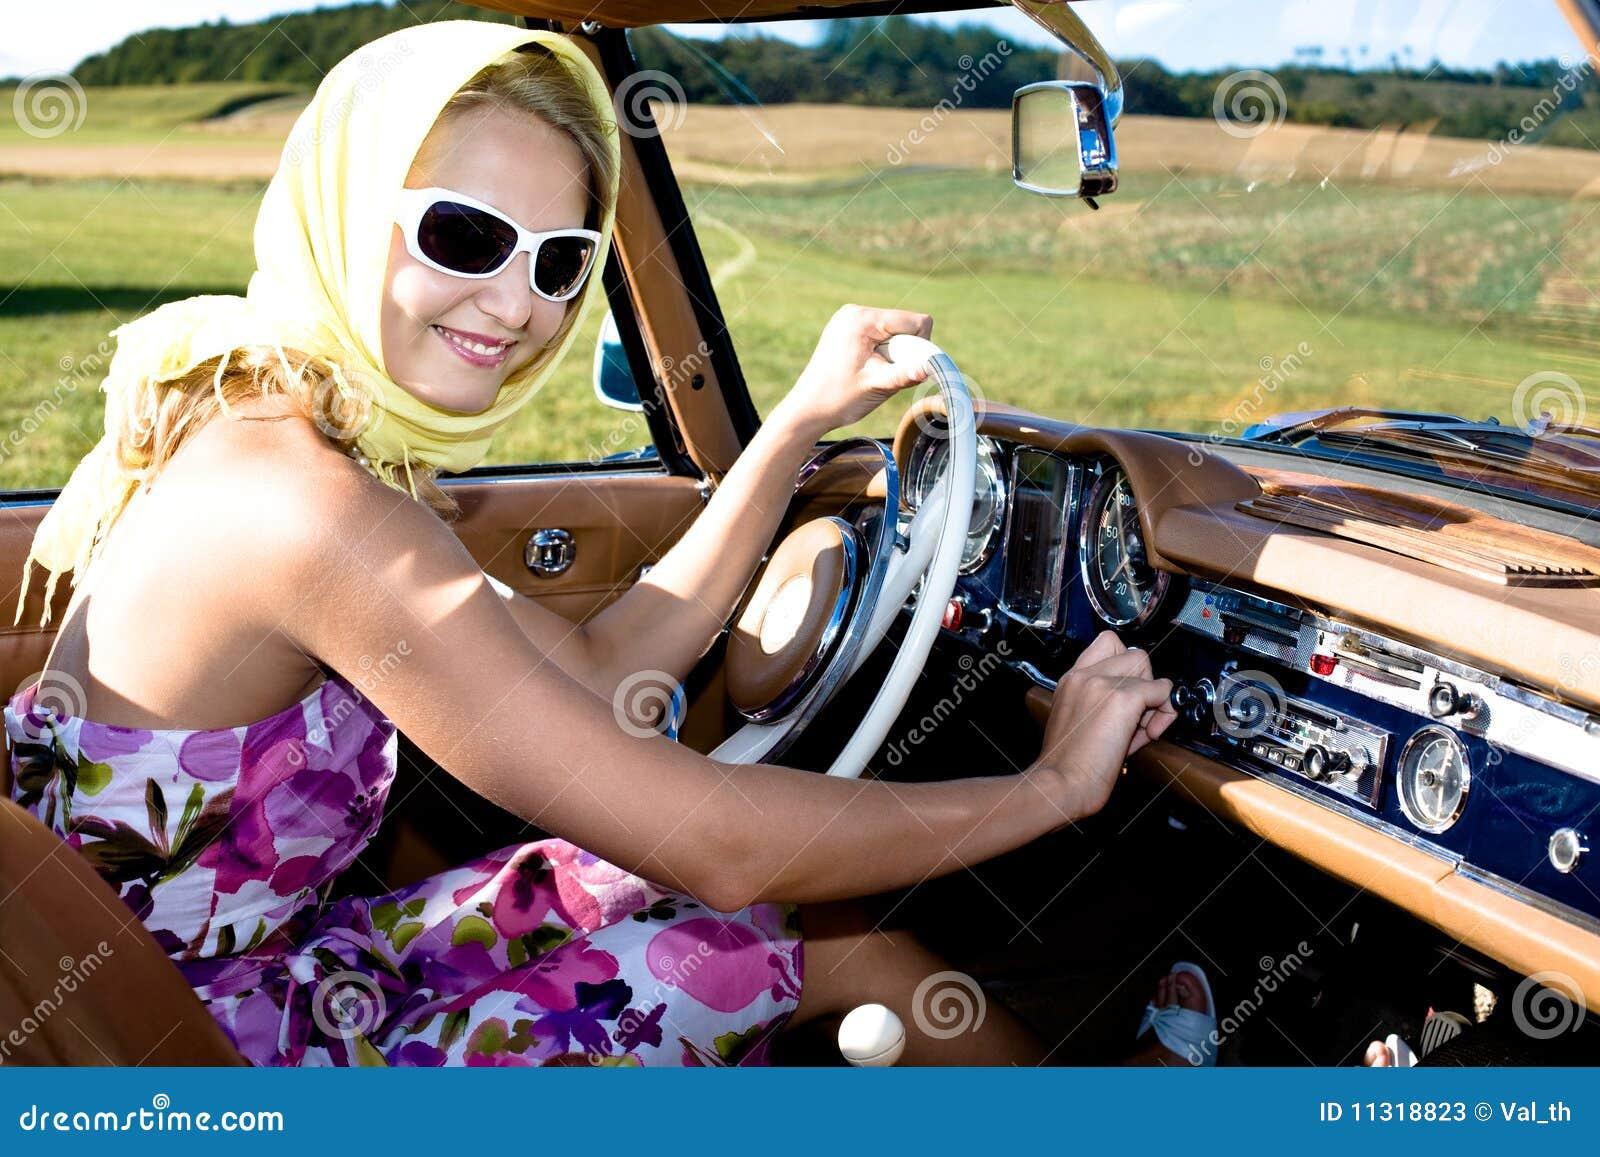 woman in vintage car